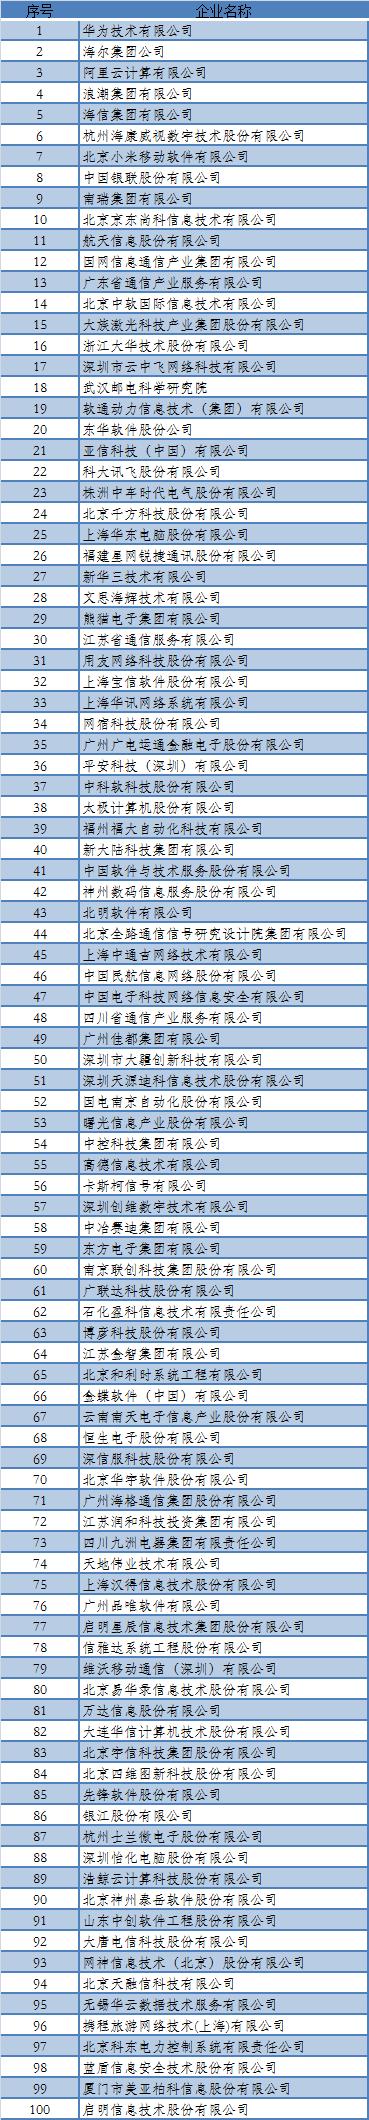 2019年中国百强软件企业公布,华为第一,百度、腾讯未上榜